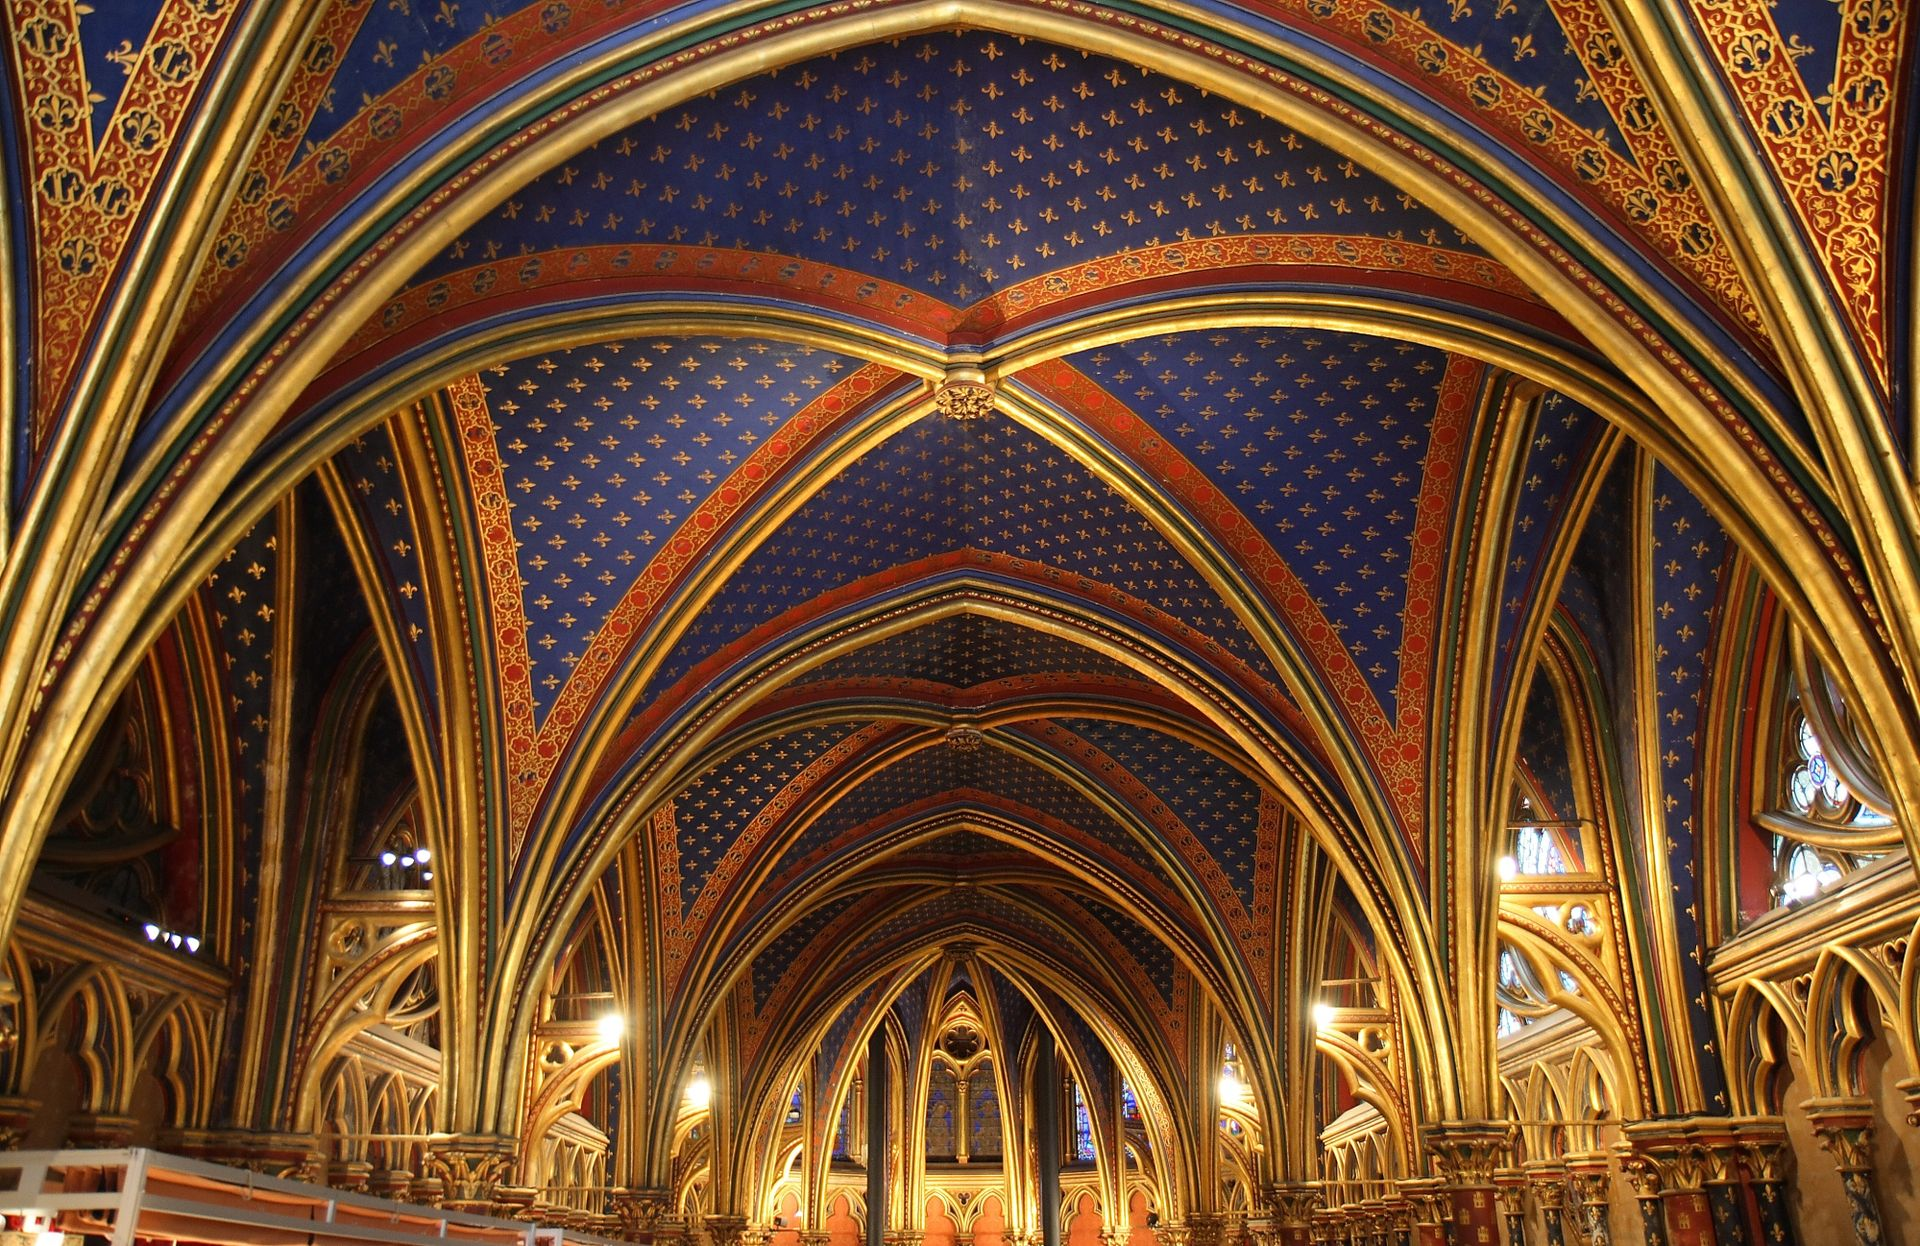 โบสถ์แซงต์ ชาแปลล์-เพดาน